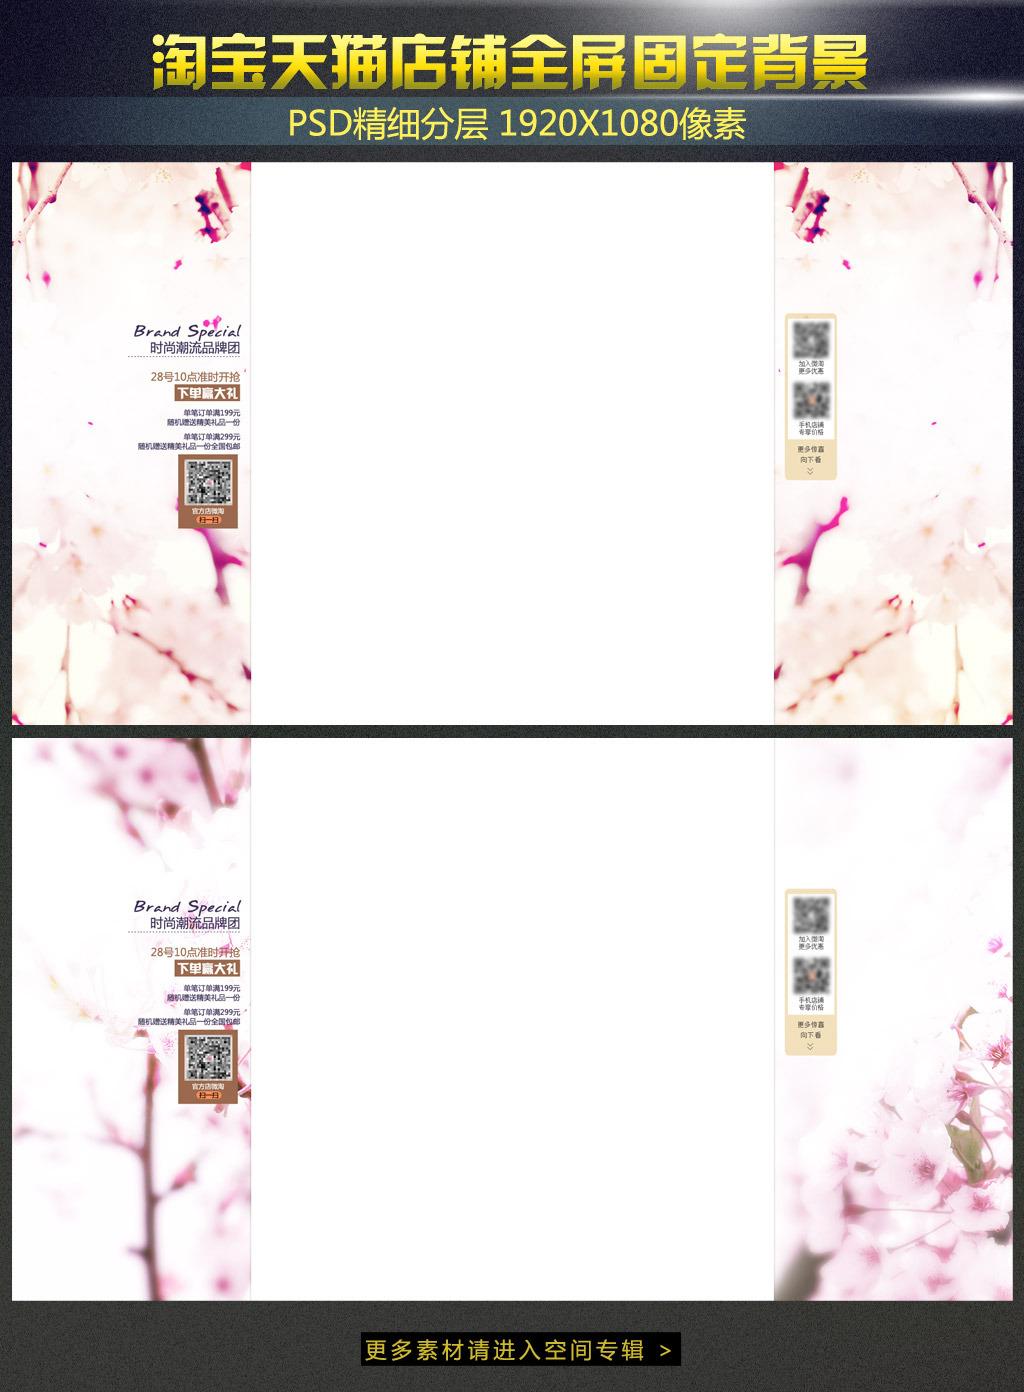 淘宝天猫唯美花卉全屏固定背景psd模板